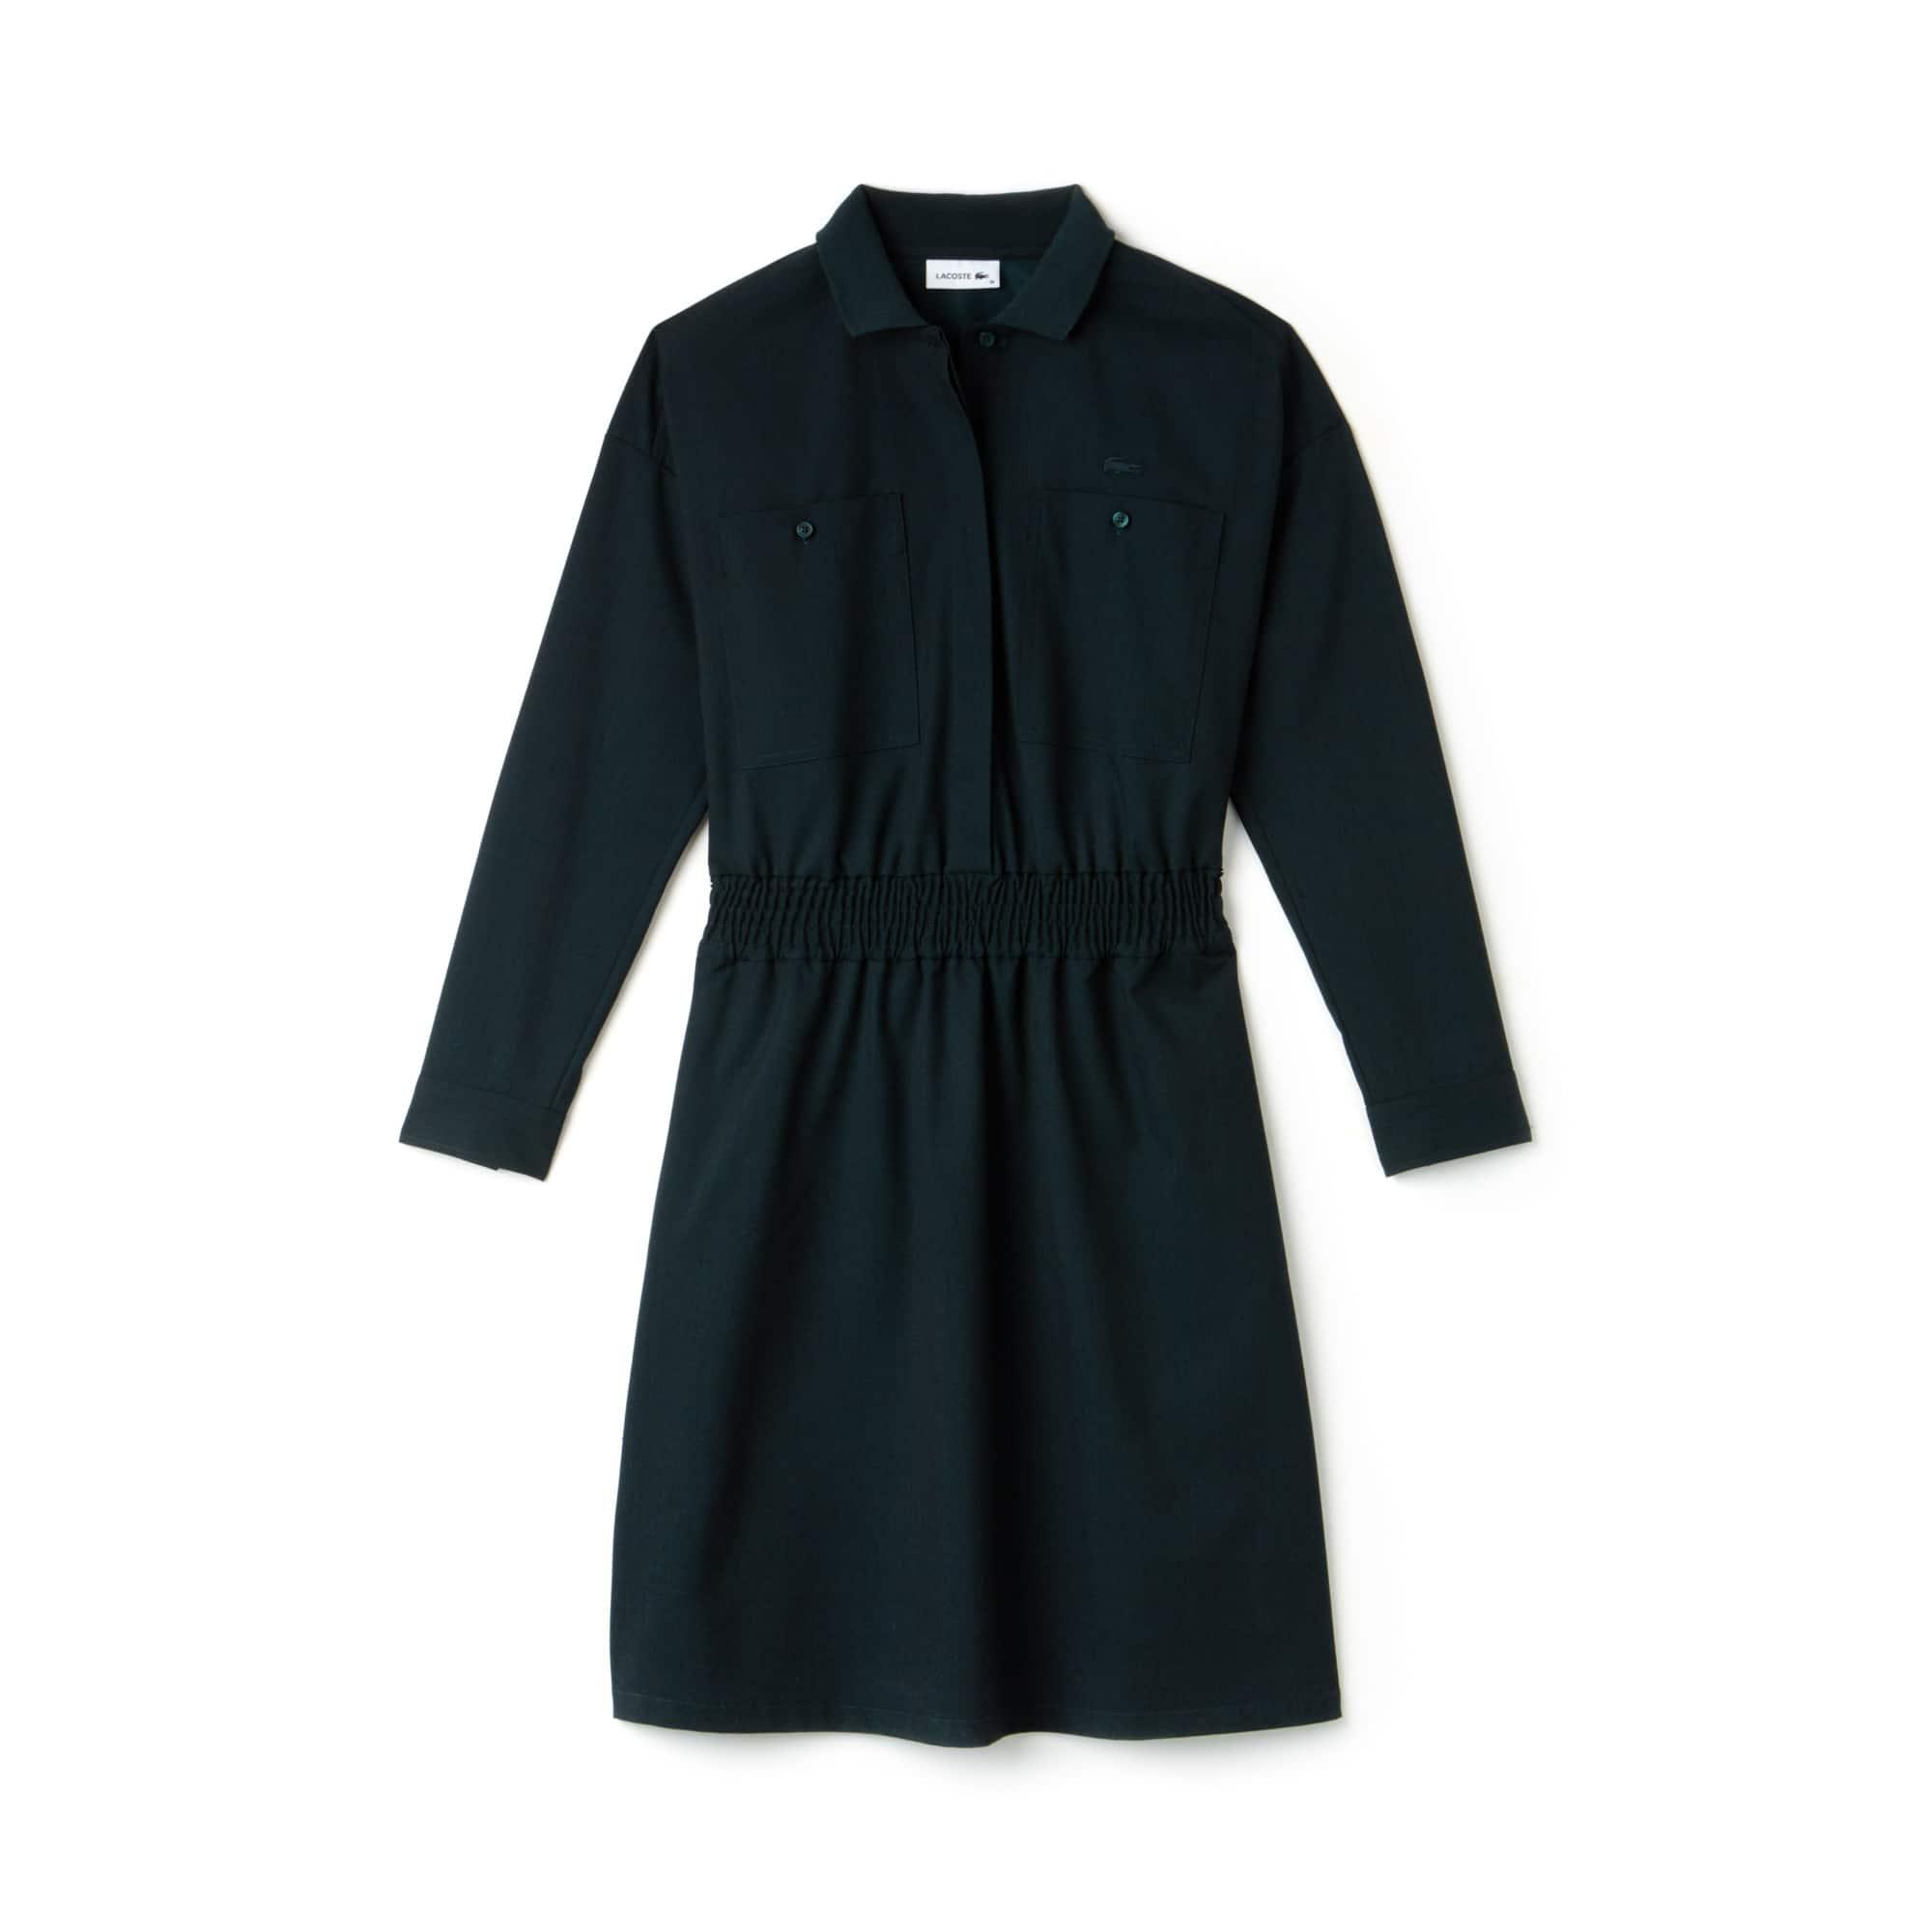 라코스테 Lacoste Womens Chest Pockets Fitted Stretch Wool Knit Polo Dress,ACONIT DARK